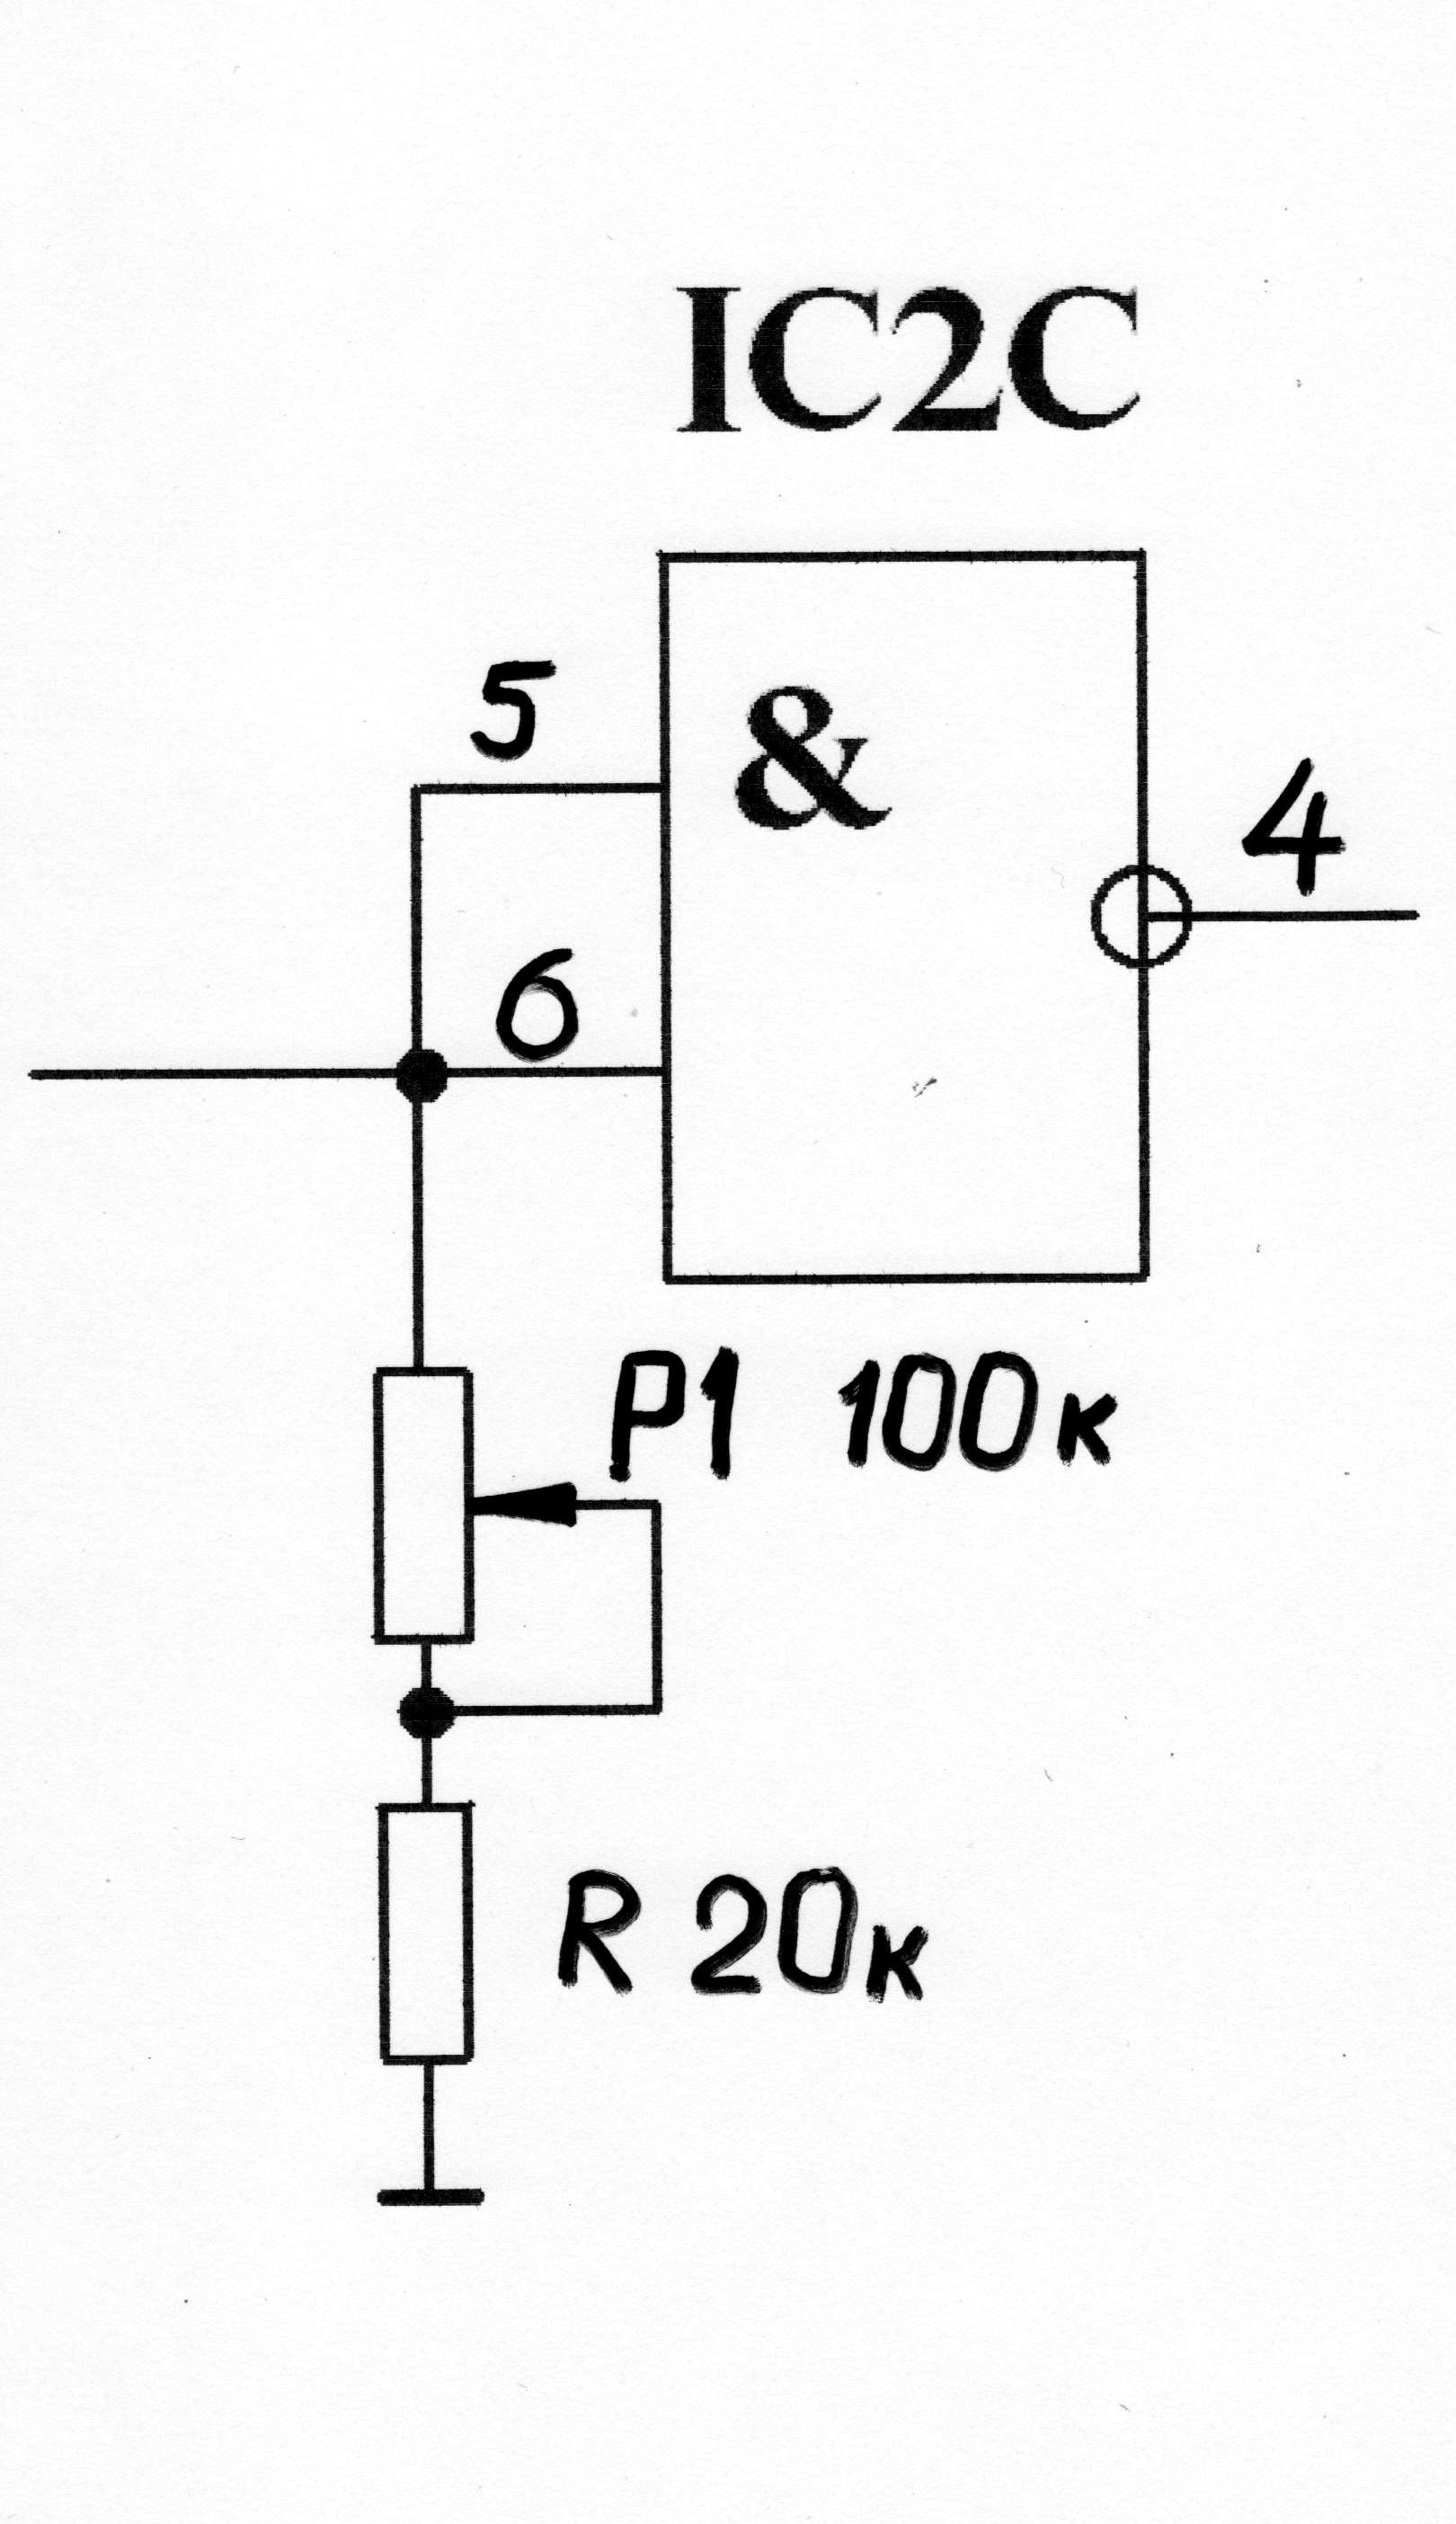 схема глубинного металлоискателя типа передача-прийом